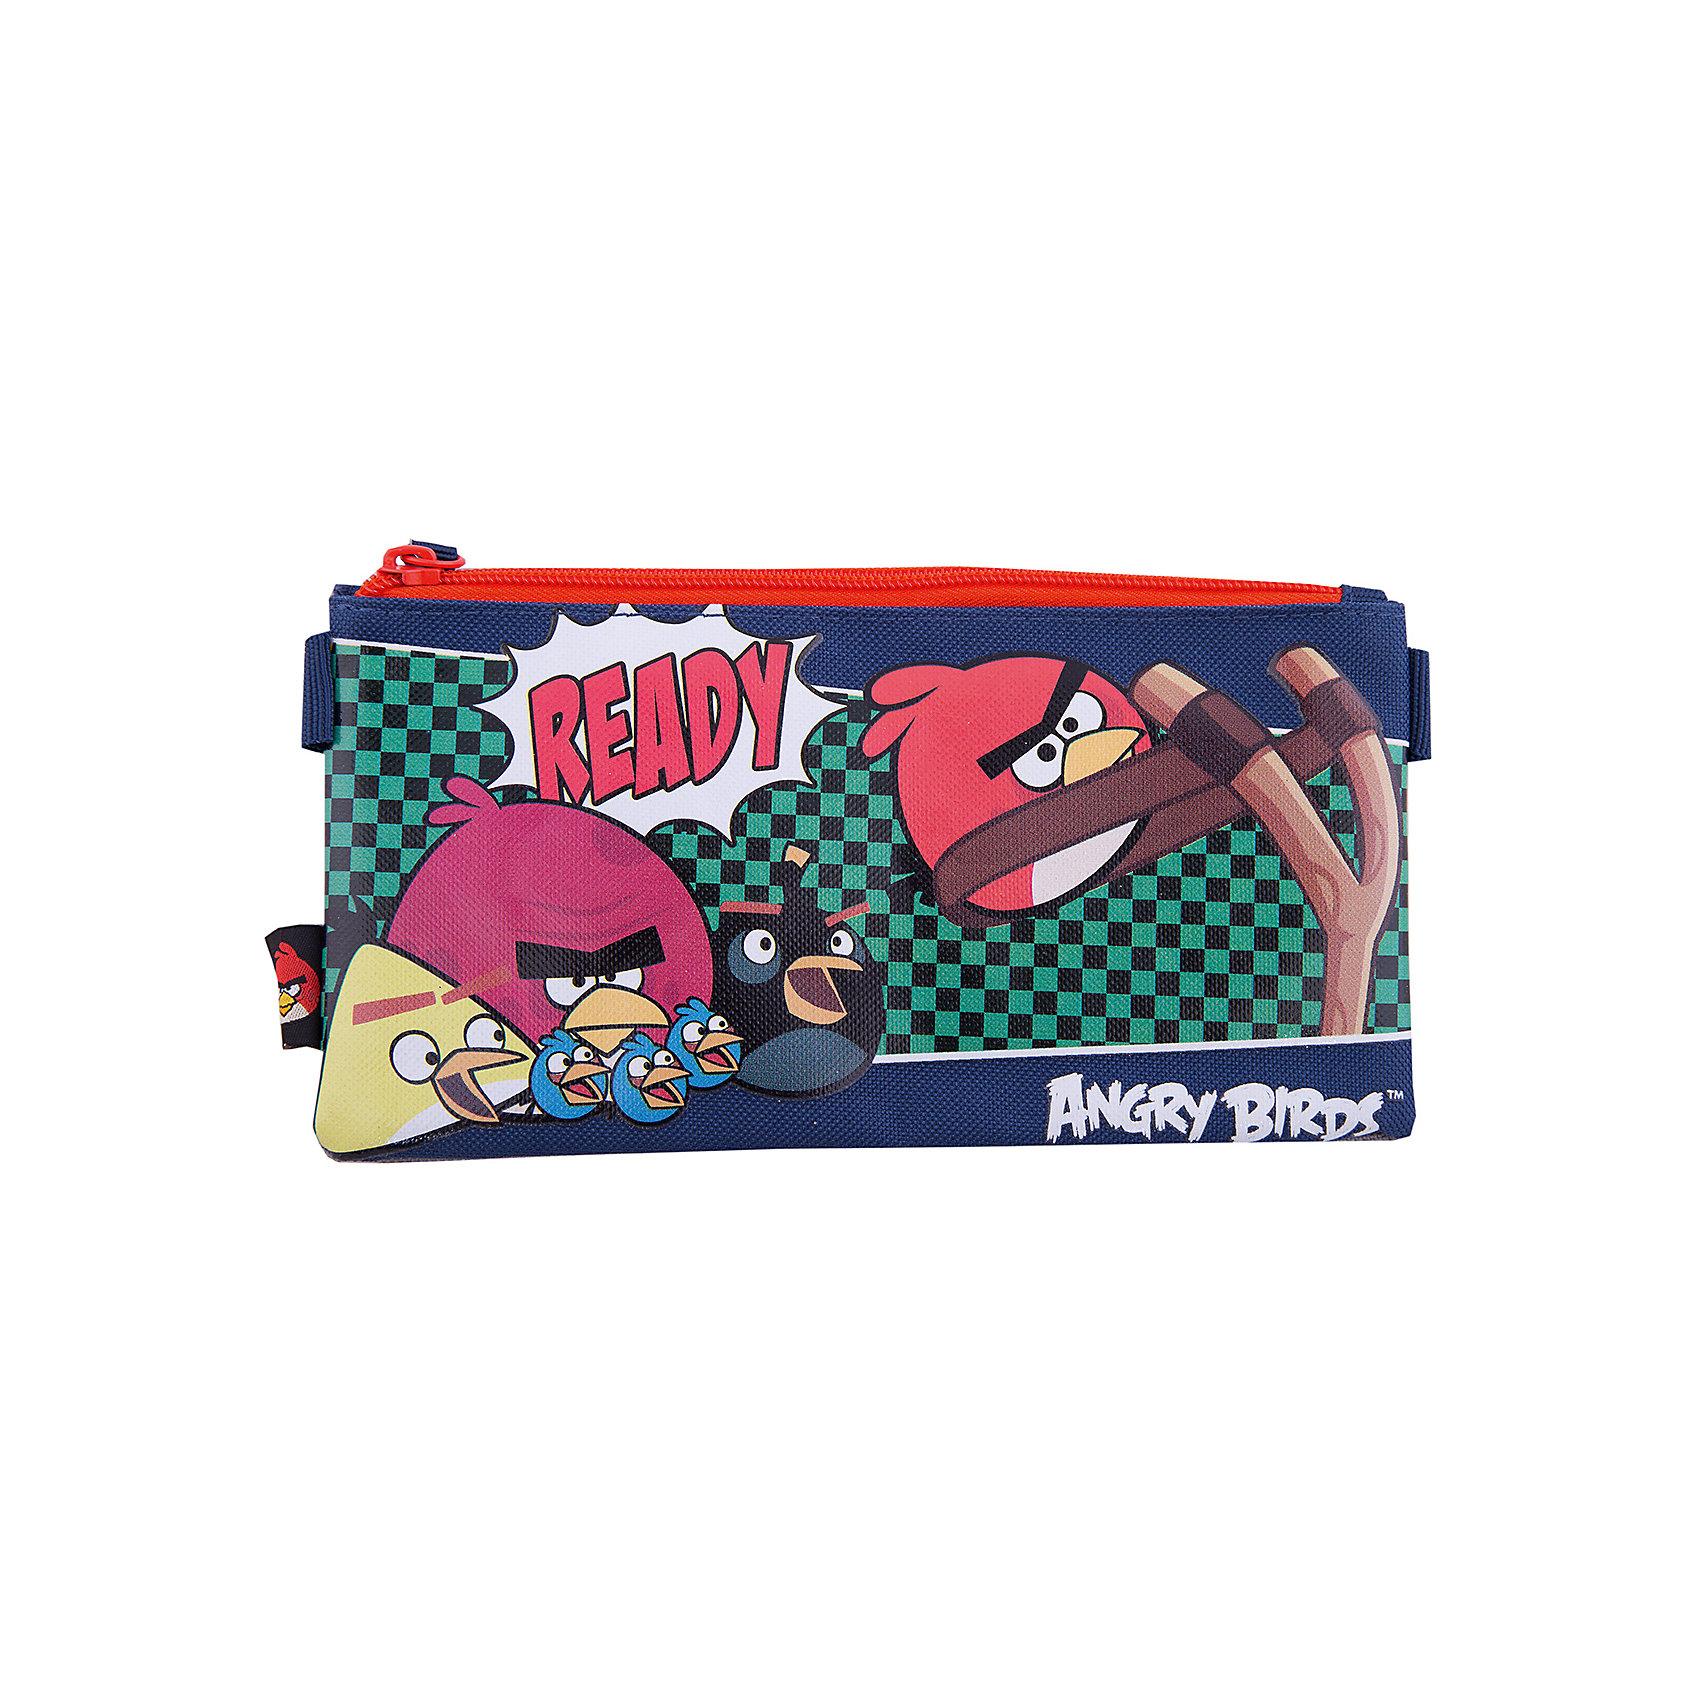 Косметичка, Angry BirdsКосметичка, Angry Birds (Энгри Бердс) очень компактная. Пенал-косметичка понадобится ребенку для организации и сохранения порядка в школьном ранце. Пенал украшен картинкой в стиле популярнейшей во всем мире игры Angry Birds.<br><br>Порадуйте Вашего  ребенка прекрасным подарком!<br><br>Дополнительная информация:<br><br>- Размер: 11,5 х 22 х 1 см<br>- Вес: 40 г.<br><br>Косметичку, Angry Birds (Энгри Бердс) можно купить в нашем интернет-магазине.<br><br>Ширина мм: 115<br>Глубина мм: 220<br>Высота мм: 10<br>Вес г: 42<br>Возраст от месяцев: 96<br>Возраст до месяцев: 108<br>Пол: Унисекс<br>Возраст: Детский<br>SKU: 3563160